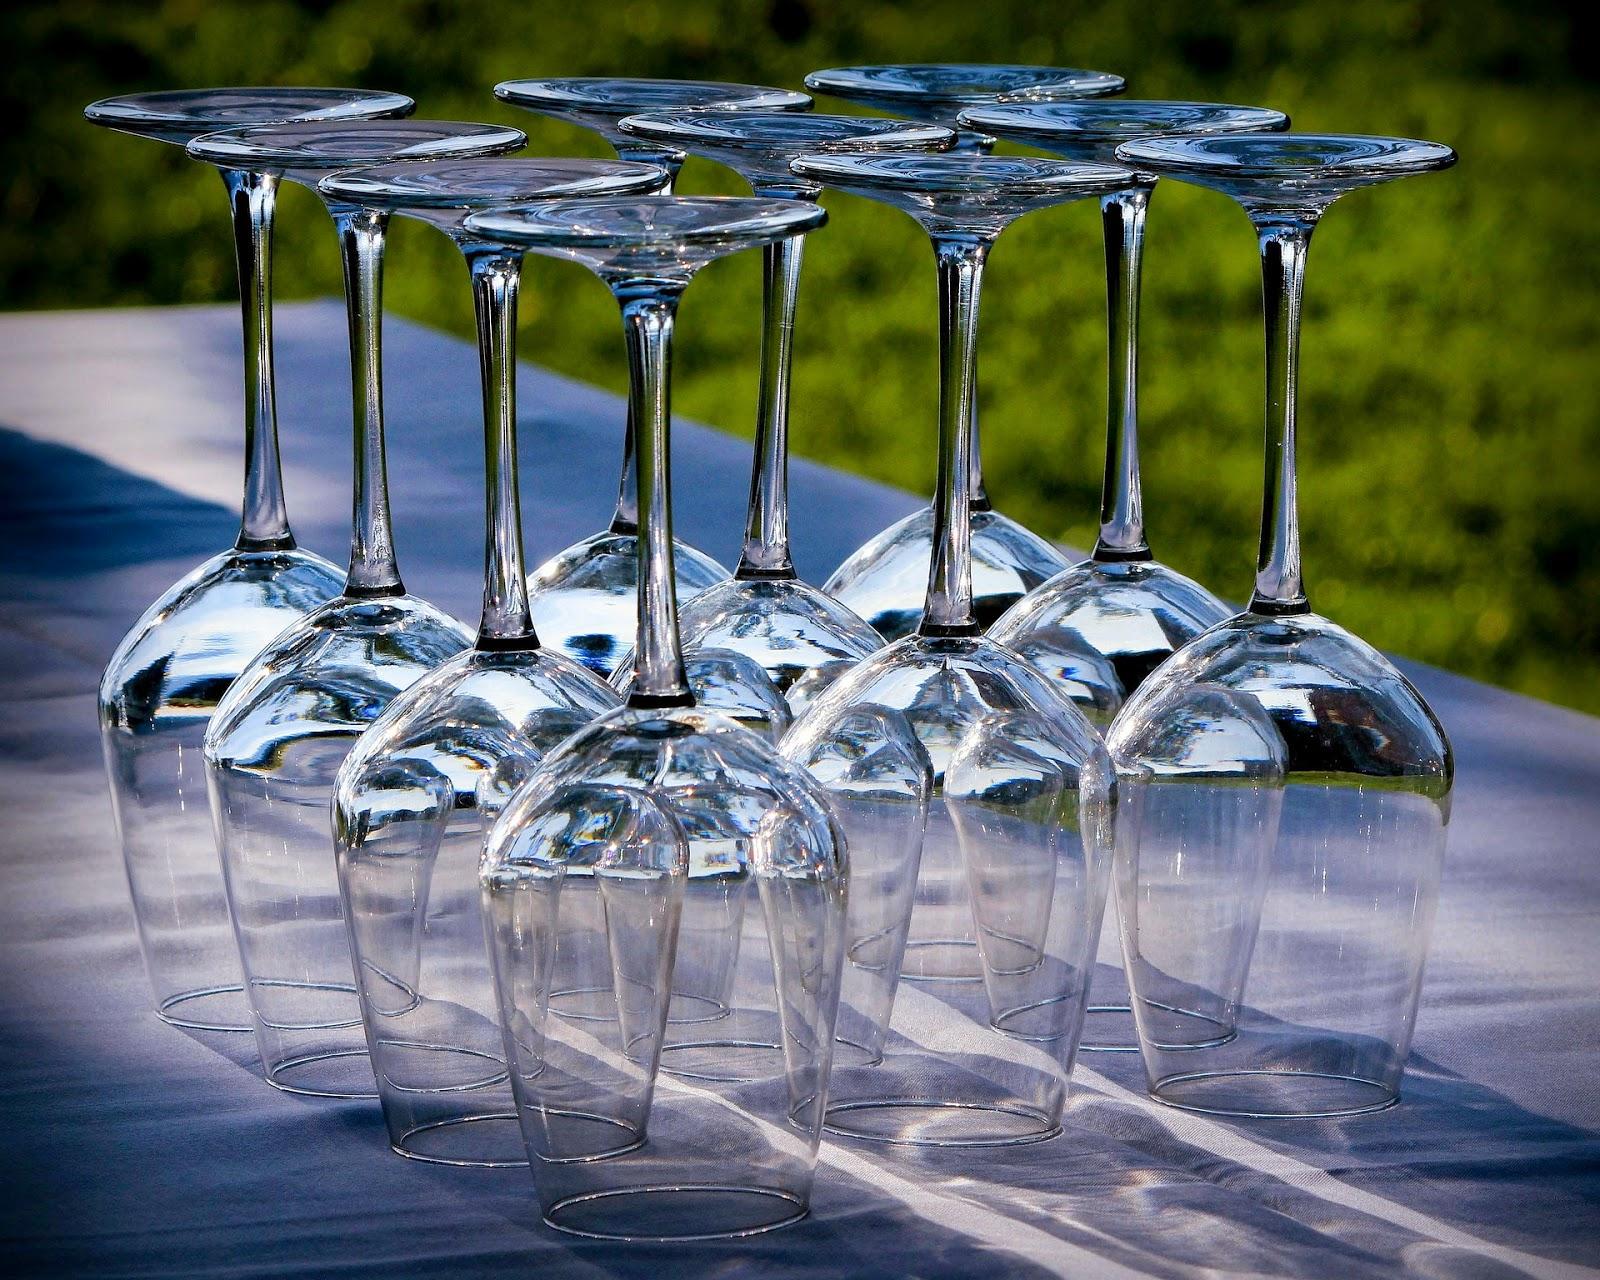 Οικολογική λύση για τα άλατα στα κρυστάλλινα ποτήρια σας